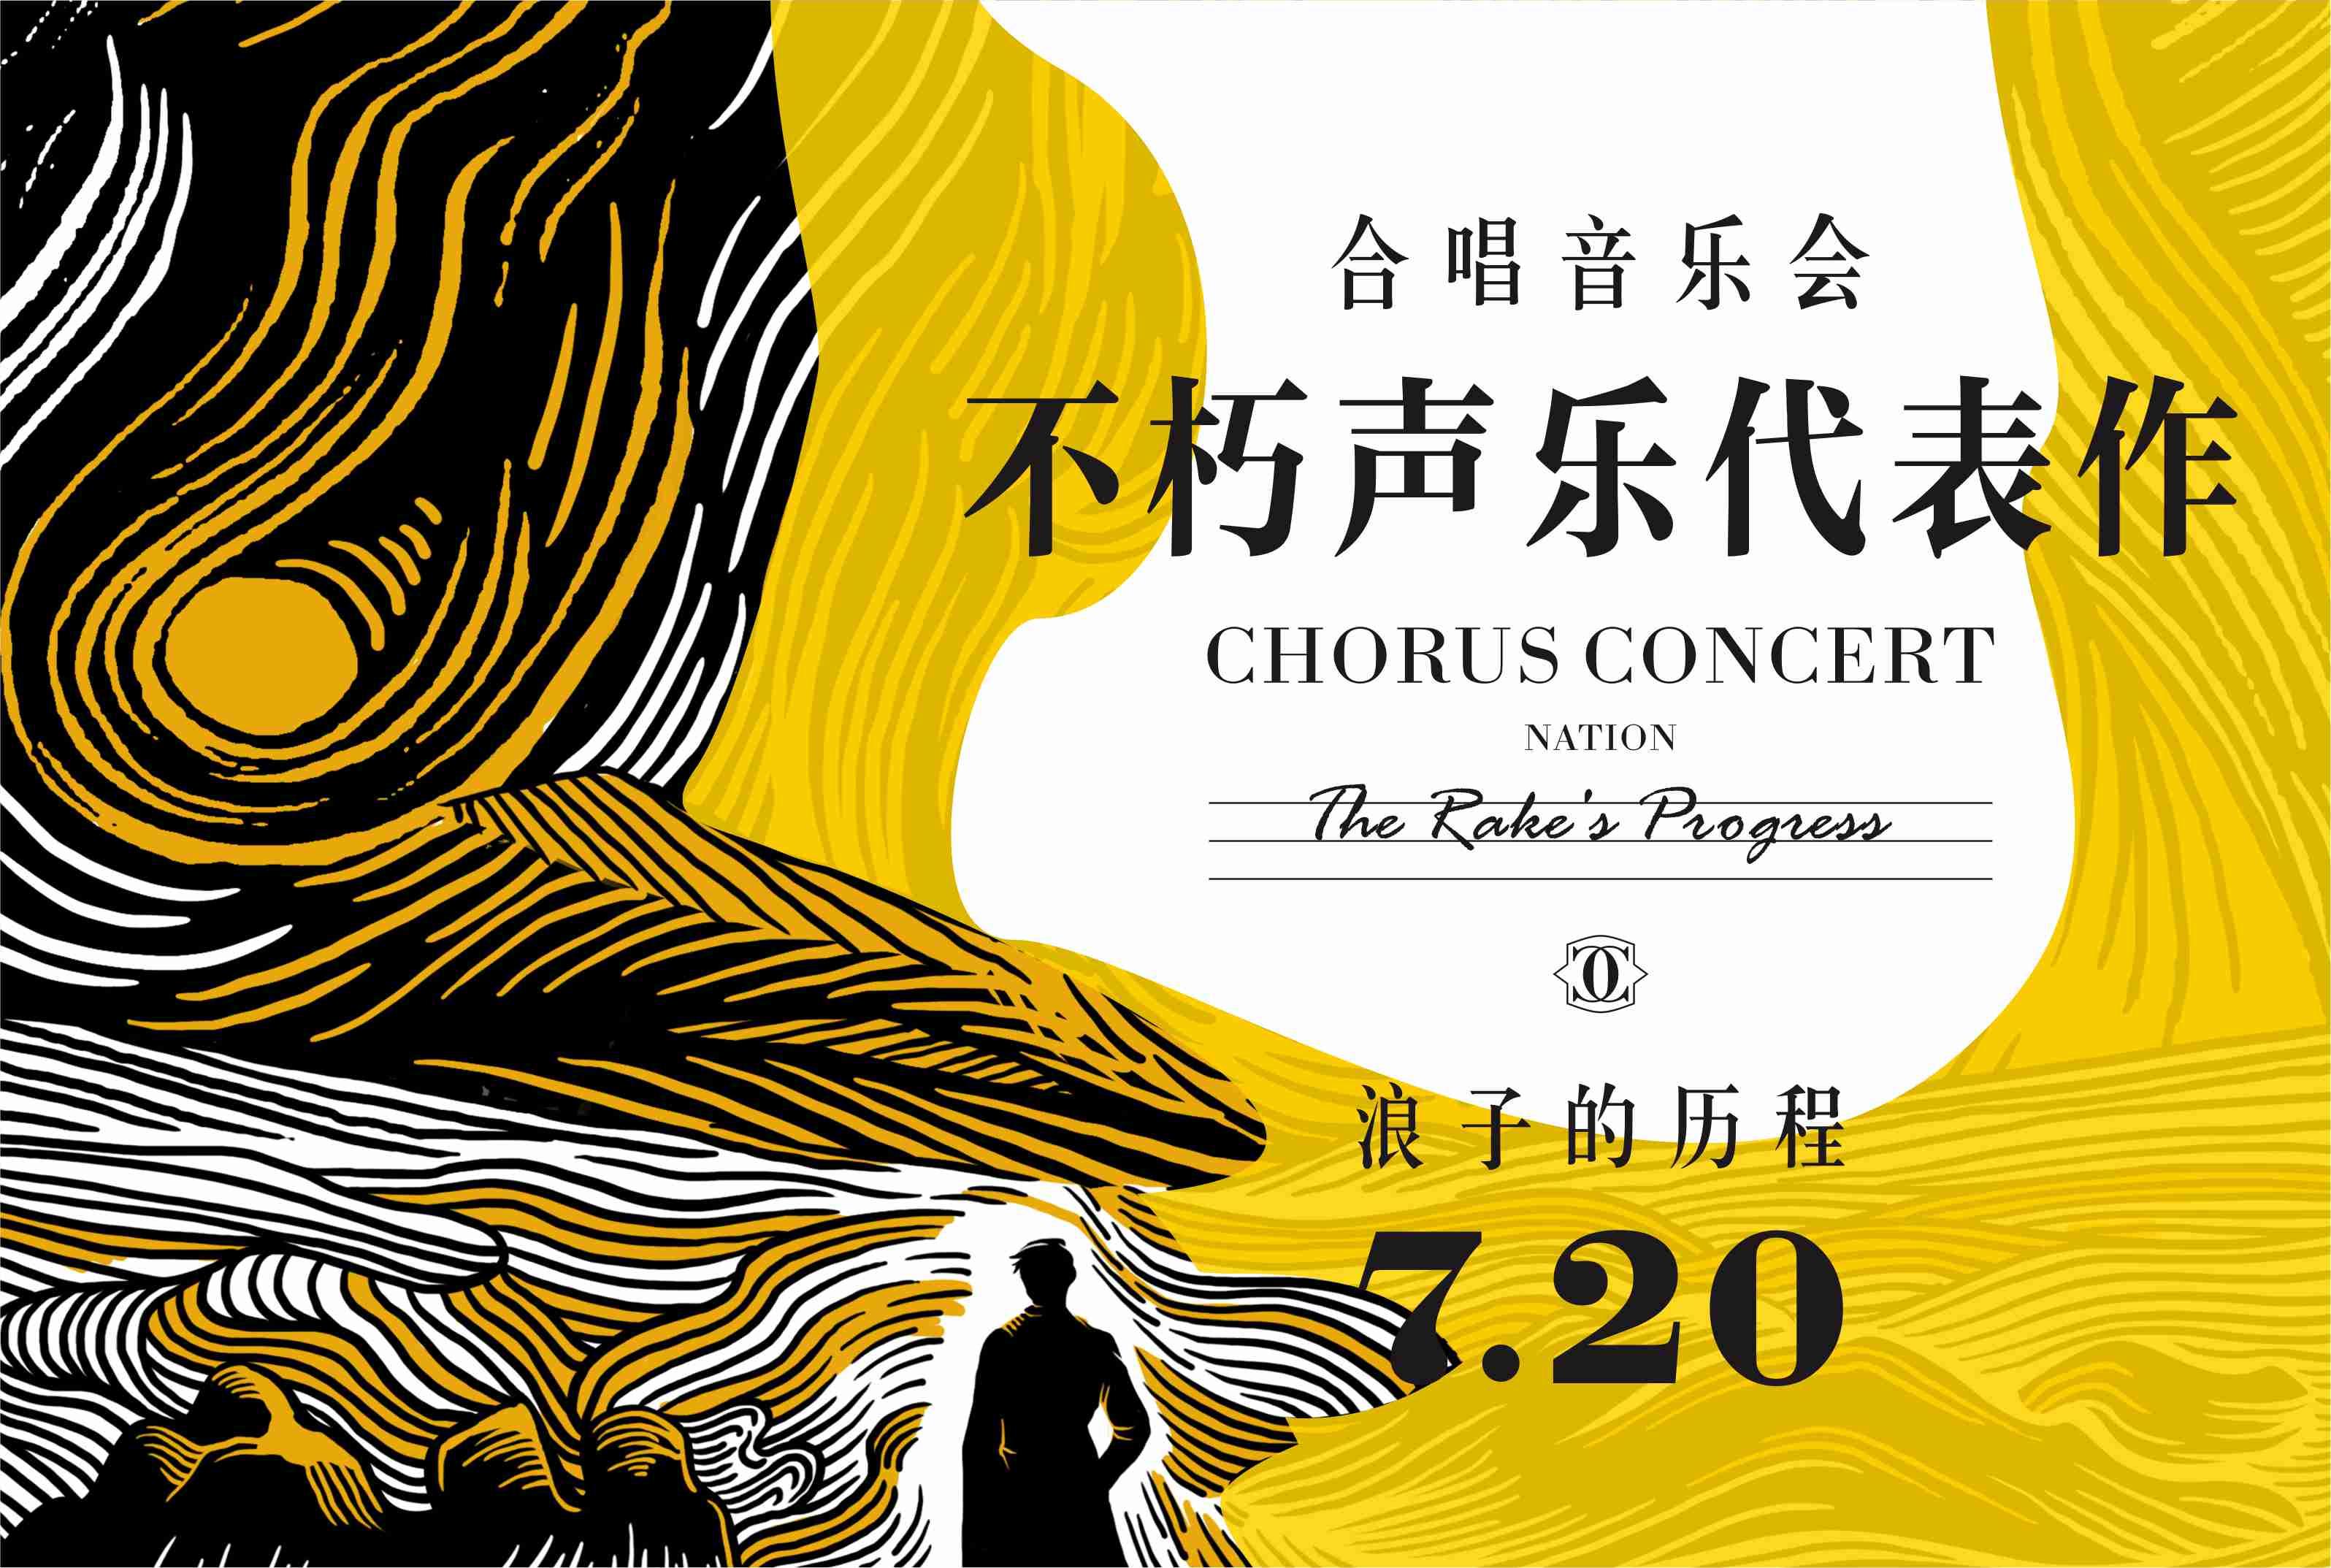 【XSO-C 2019乐季】浪子的历程——民族乐派不朽声乐代表作